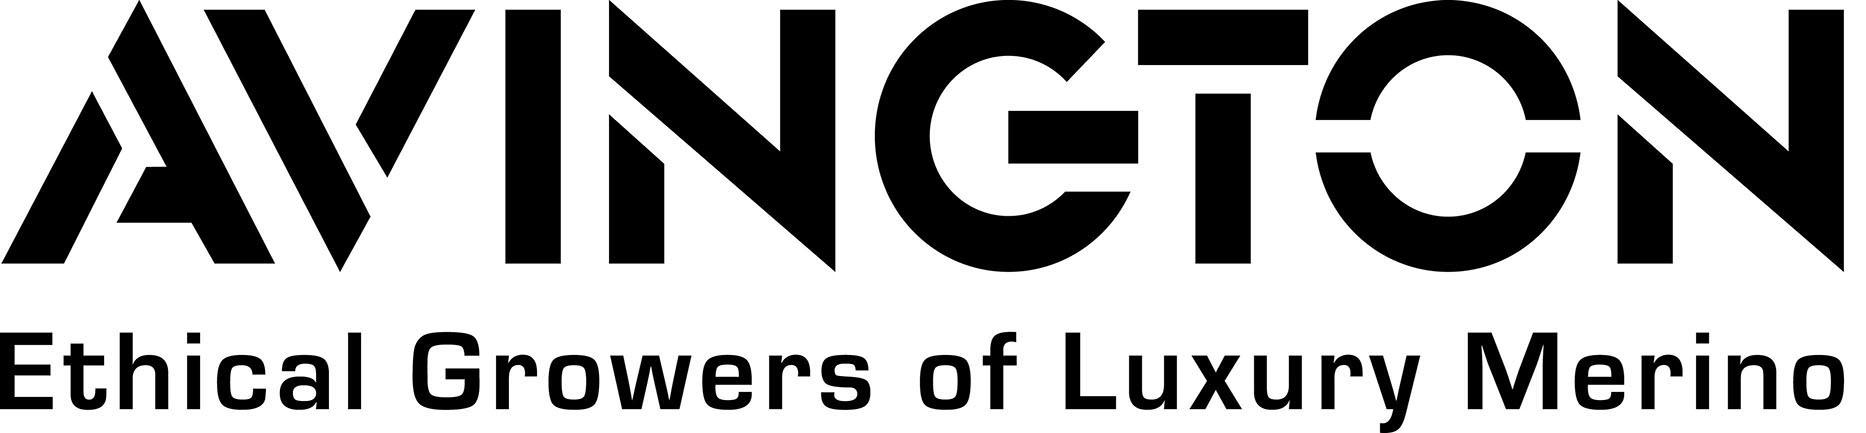 Avington Logo 2016 Hi Res web.jpg